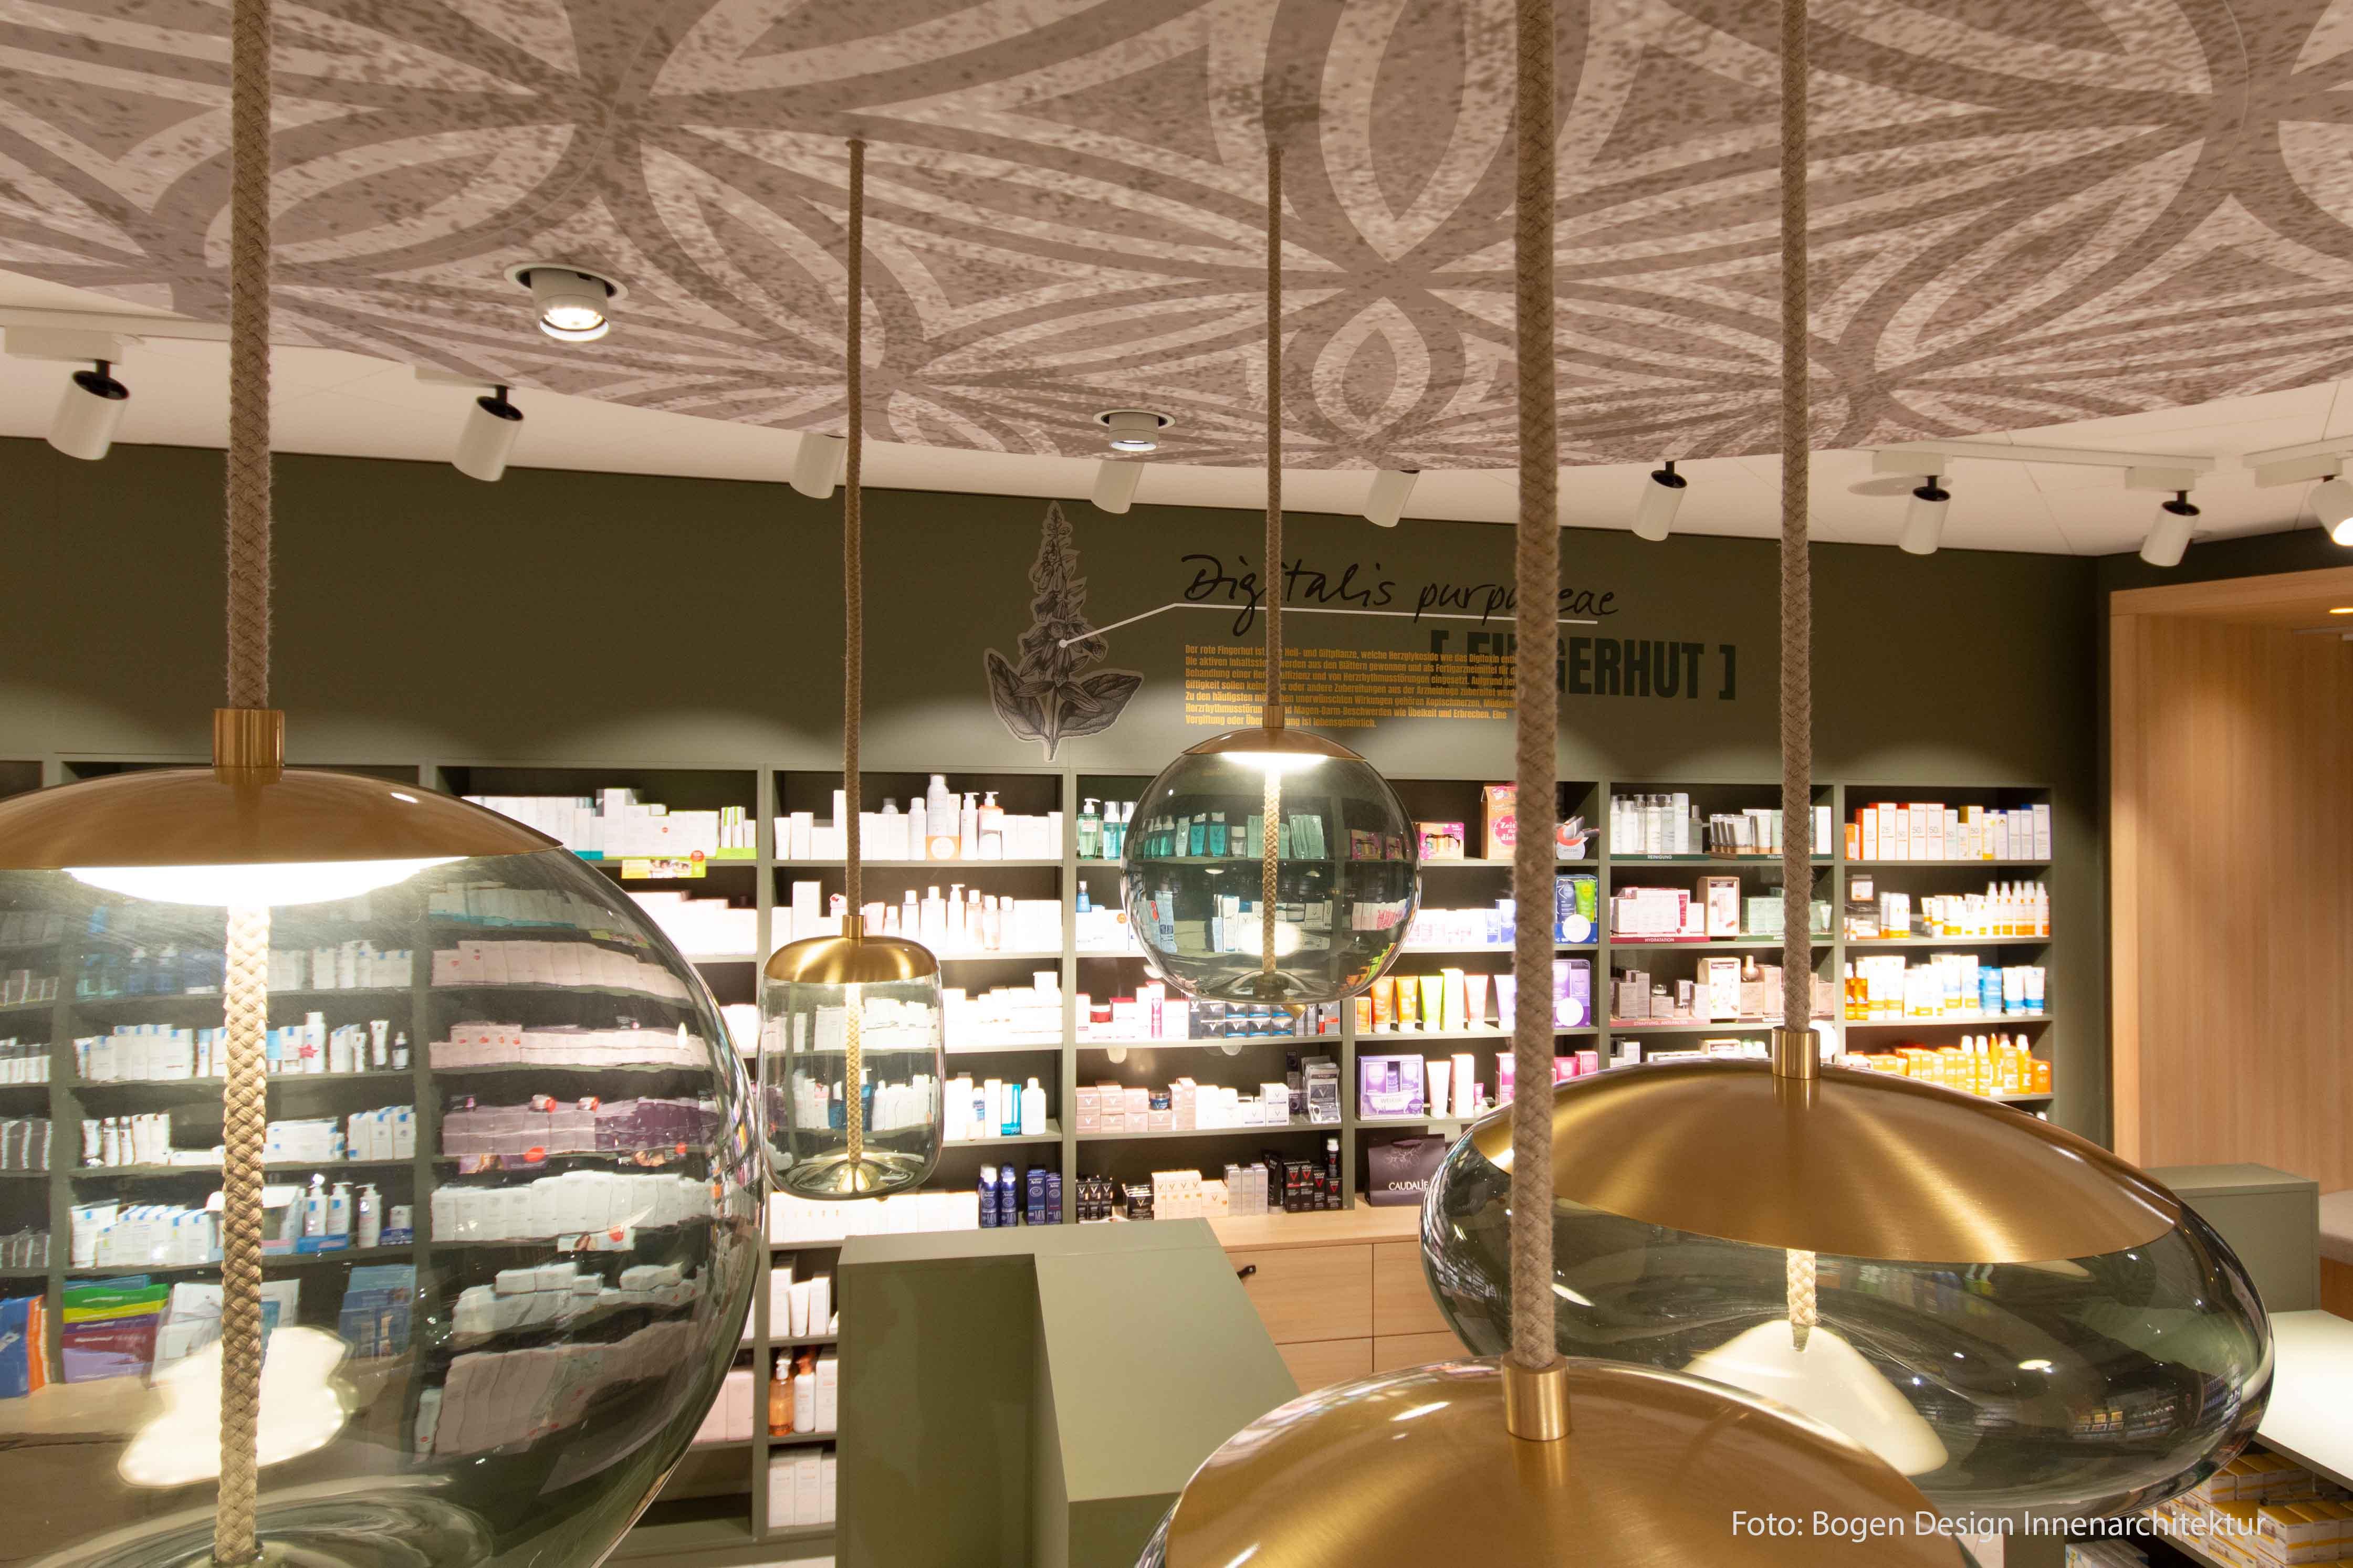 Bild der verwendeten Lampen in der TopPharm Apotheke & Drogerie in Buchs AG